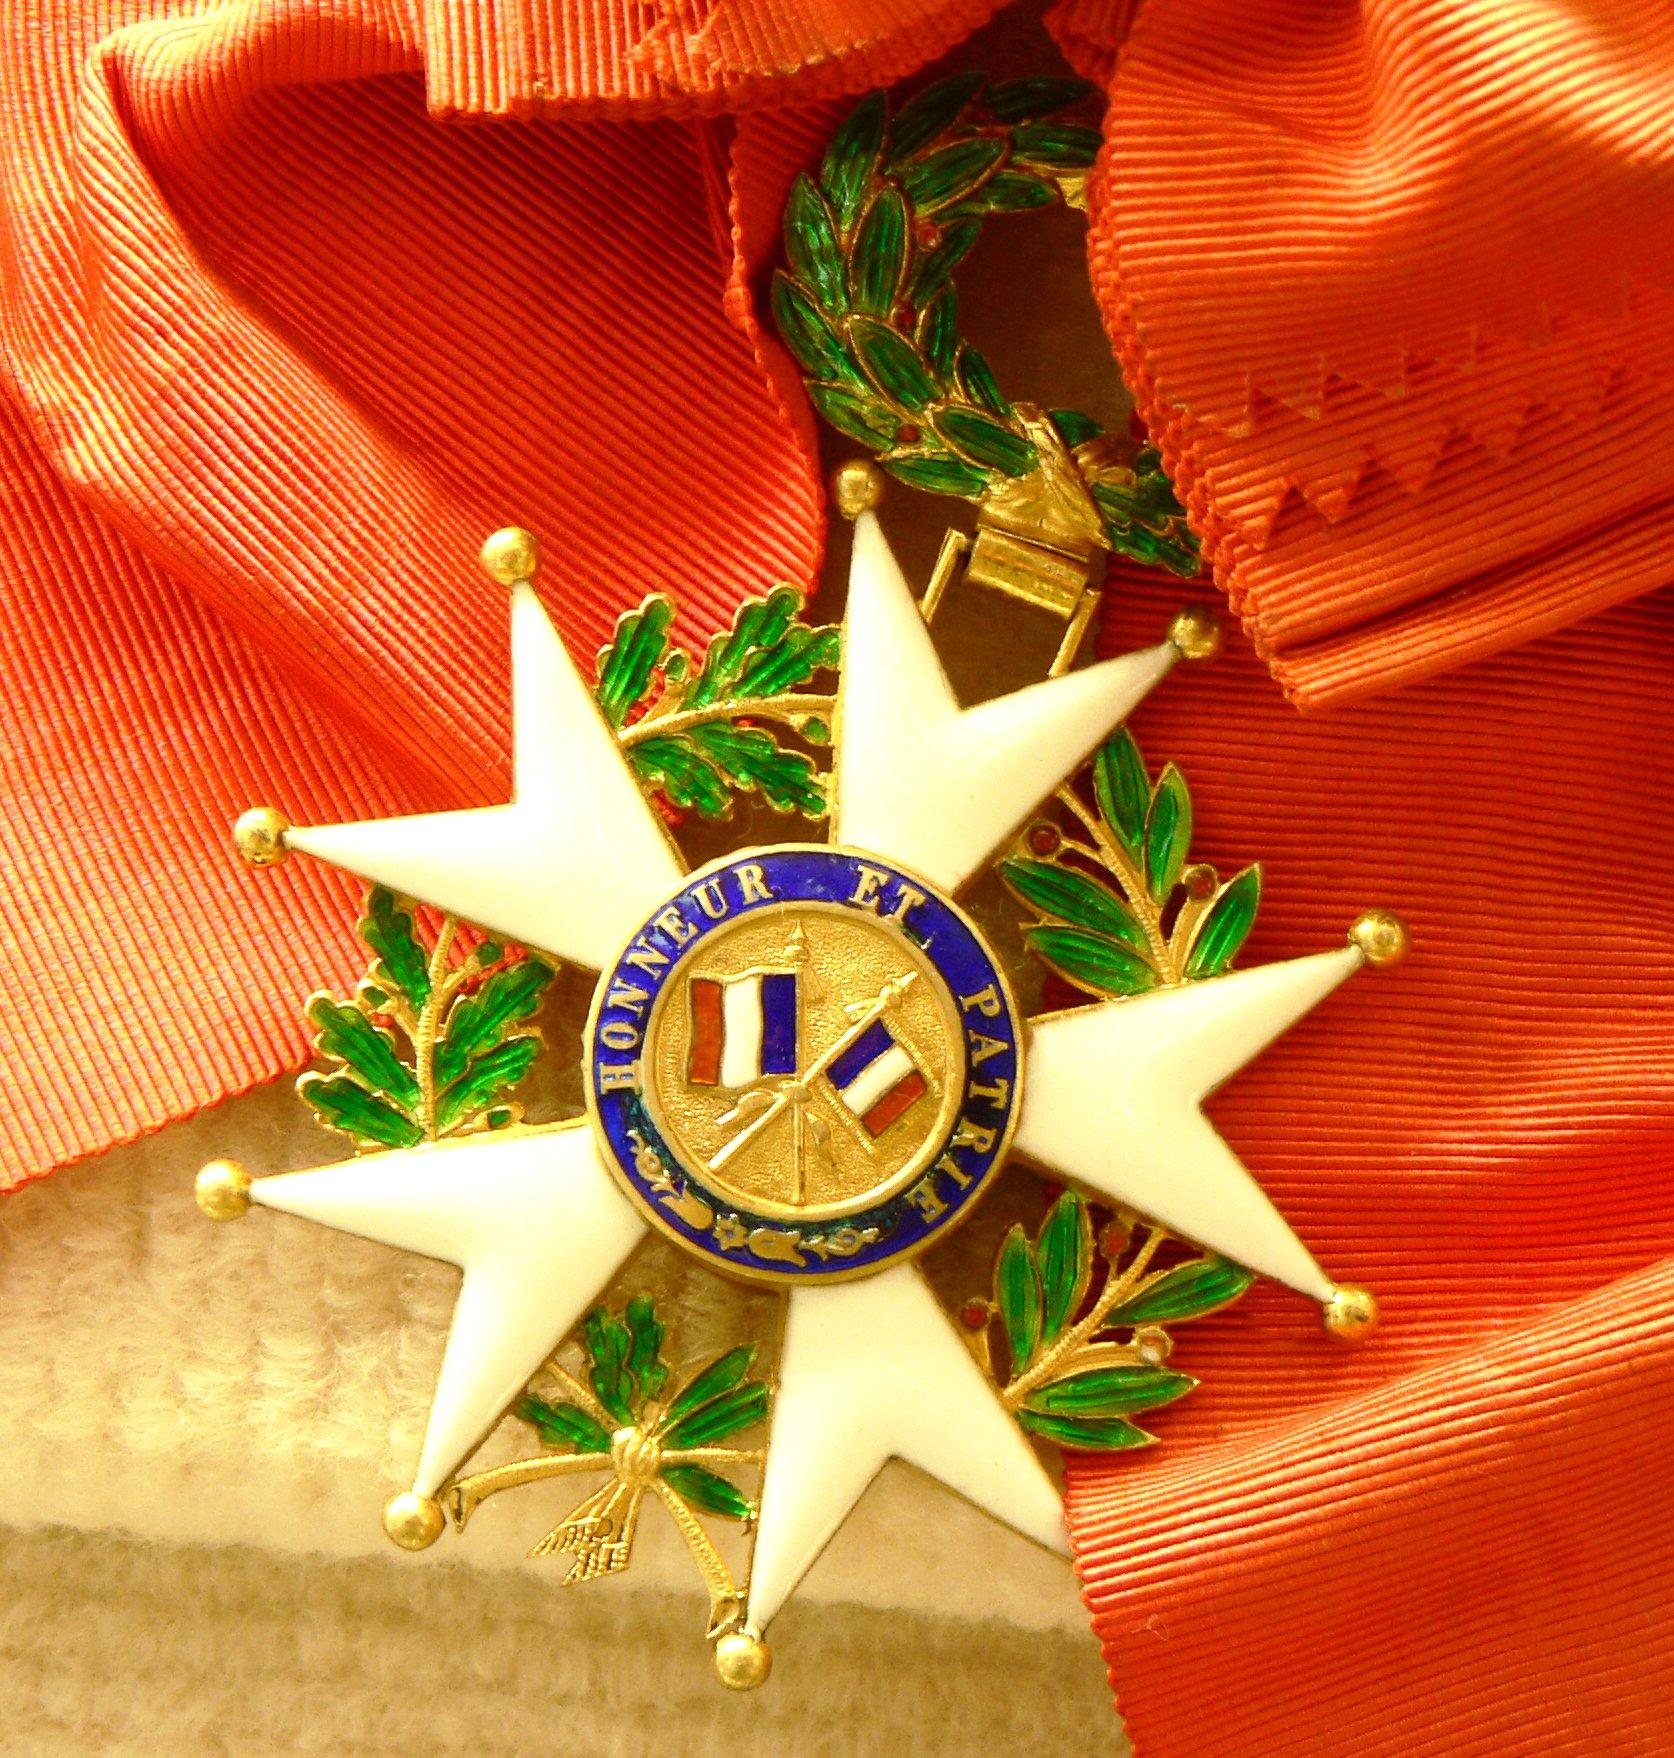 https://upload.wikimedia.org/wikipedia/commons/c/cd/Legion_Honneur_CKS_p1090334.jpg